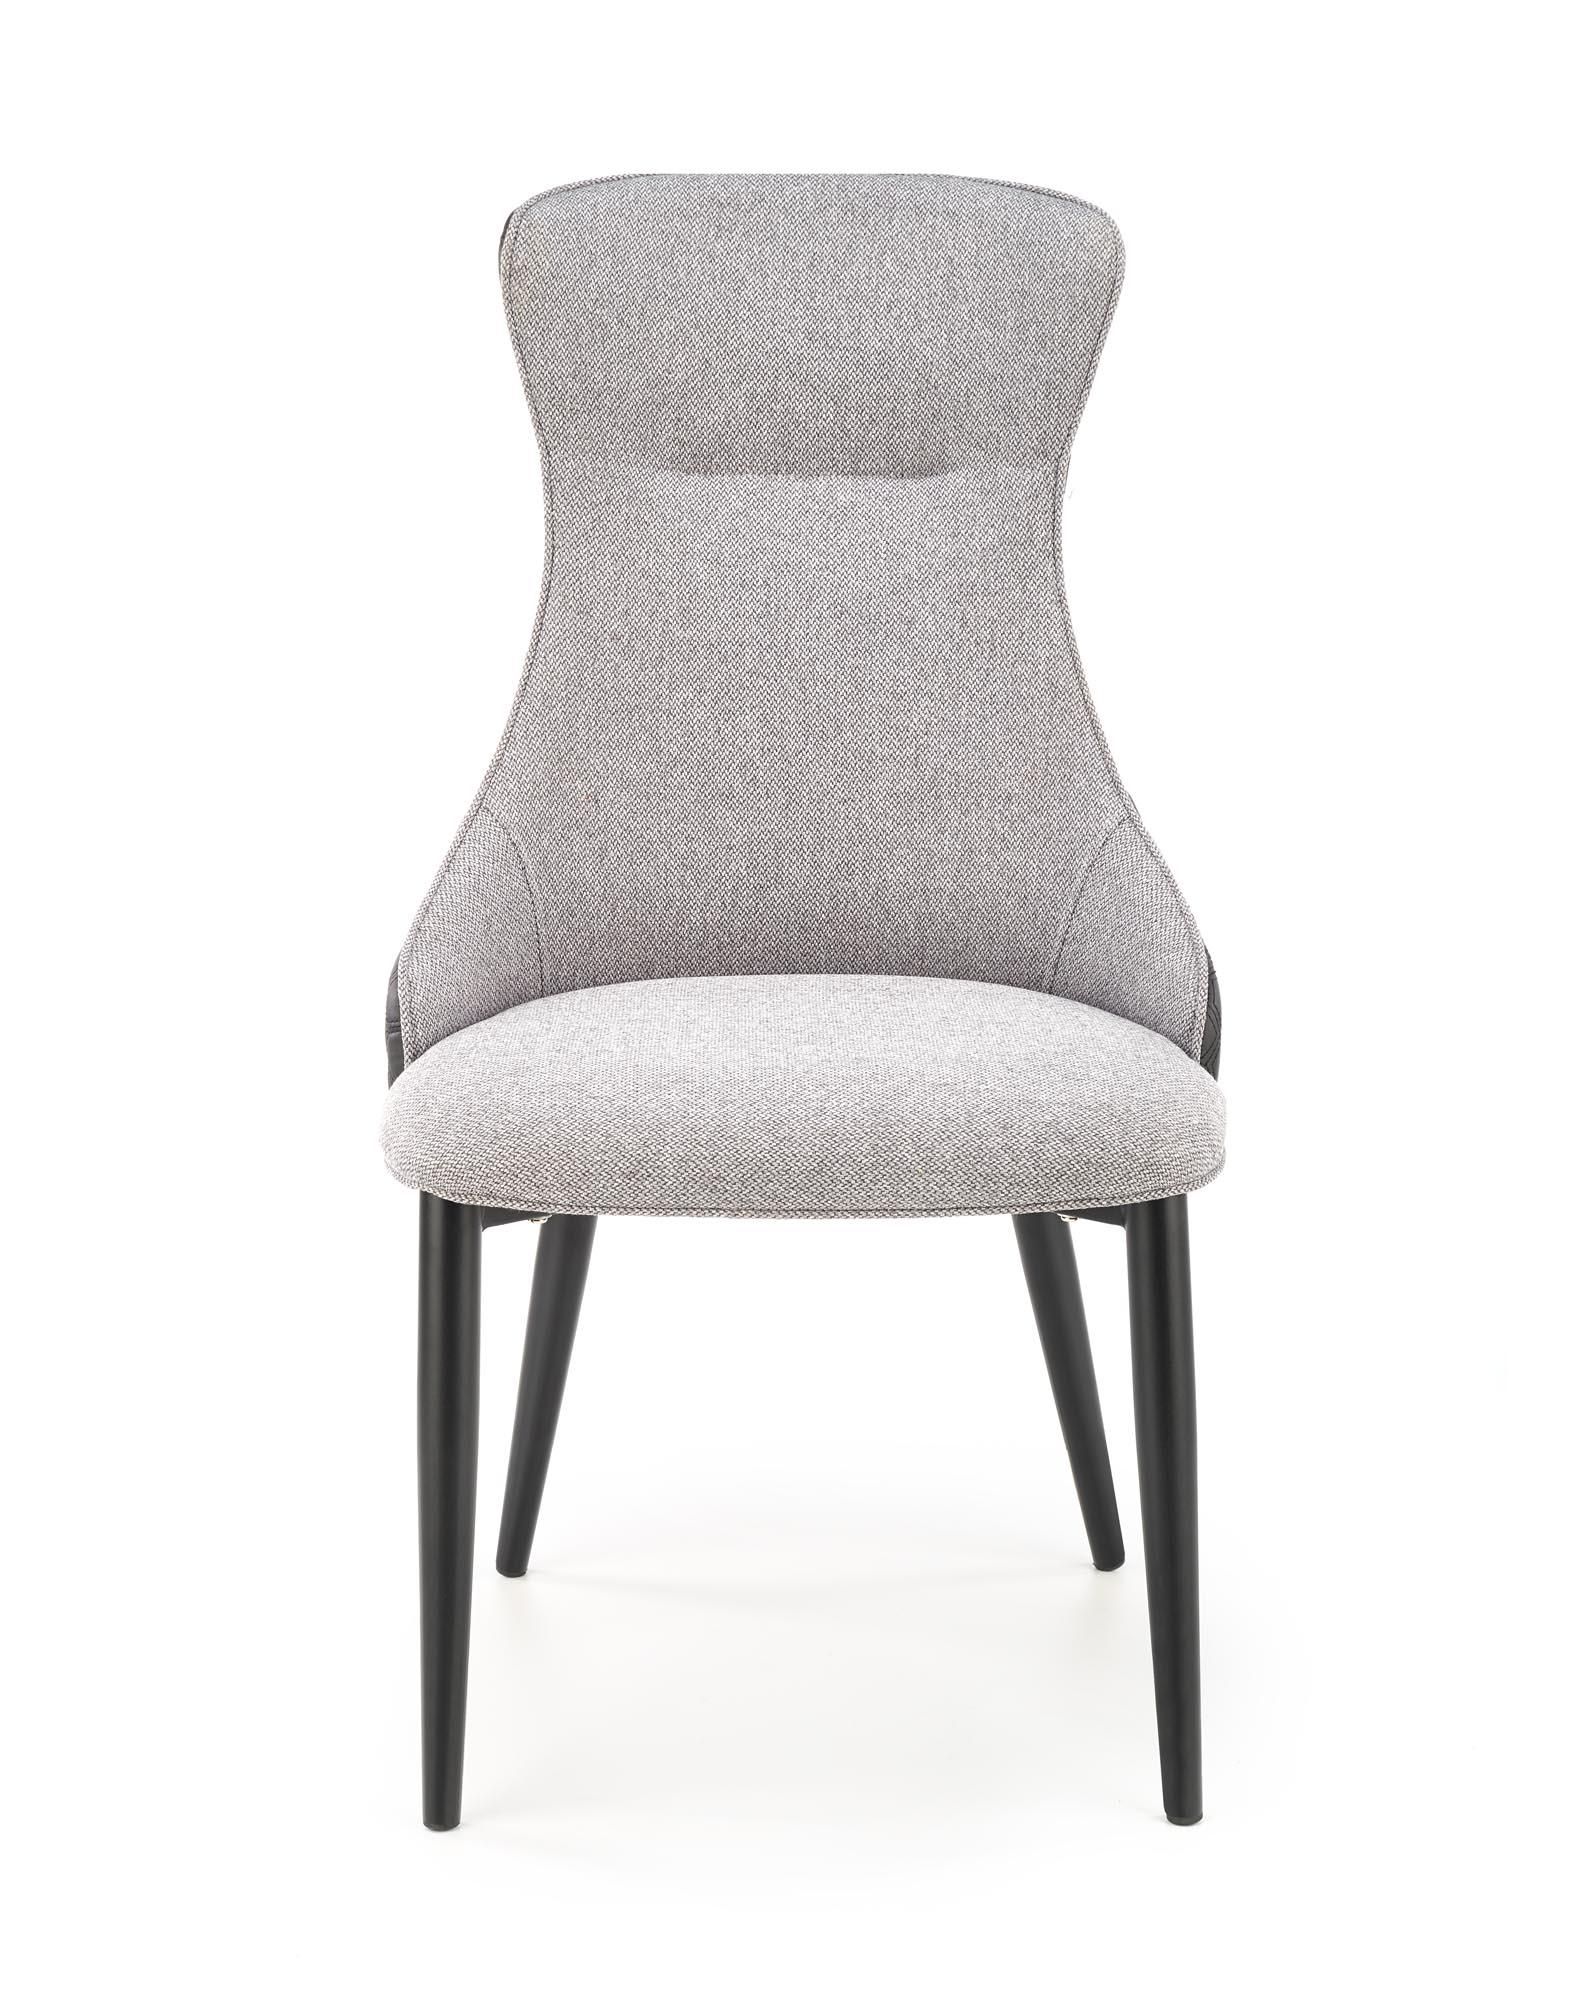 K434 stolička svetlo šedá/čierna